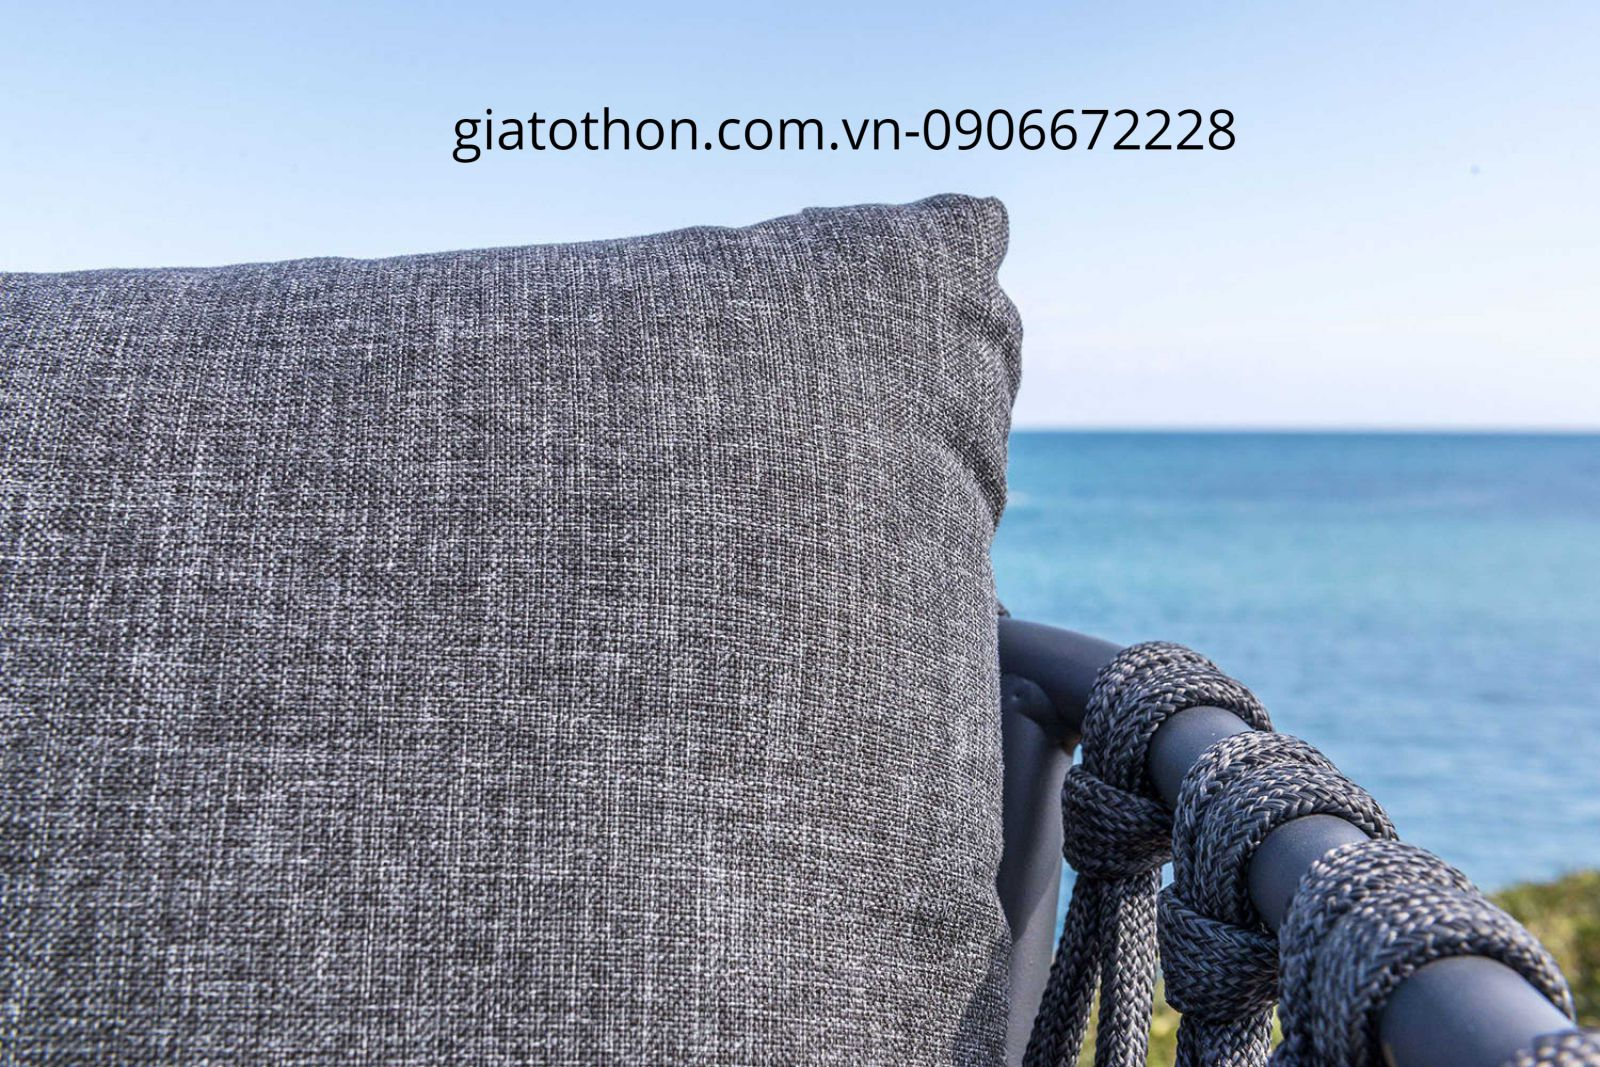 sofa giá rẻ ngoài trời